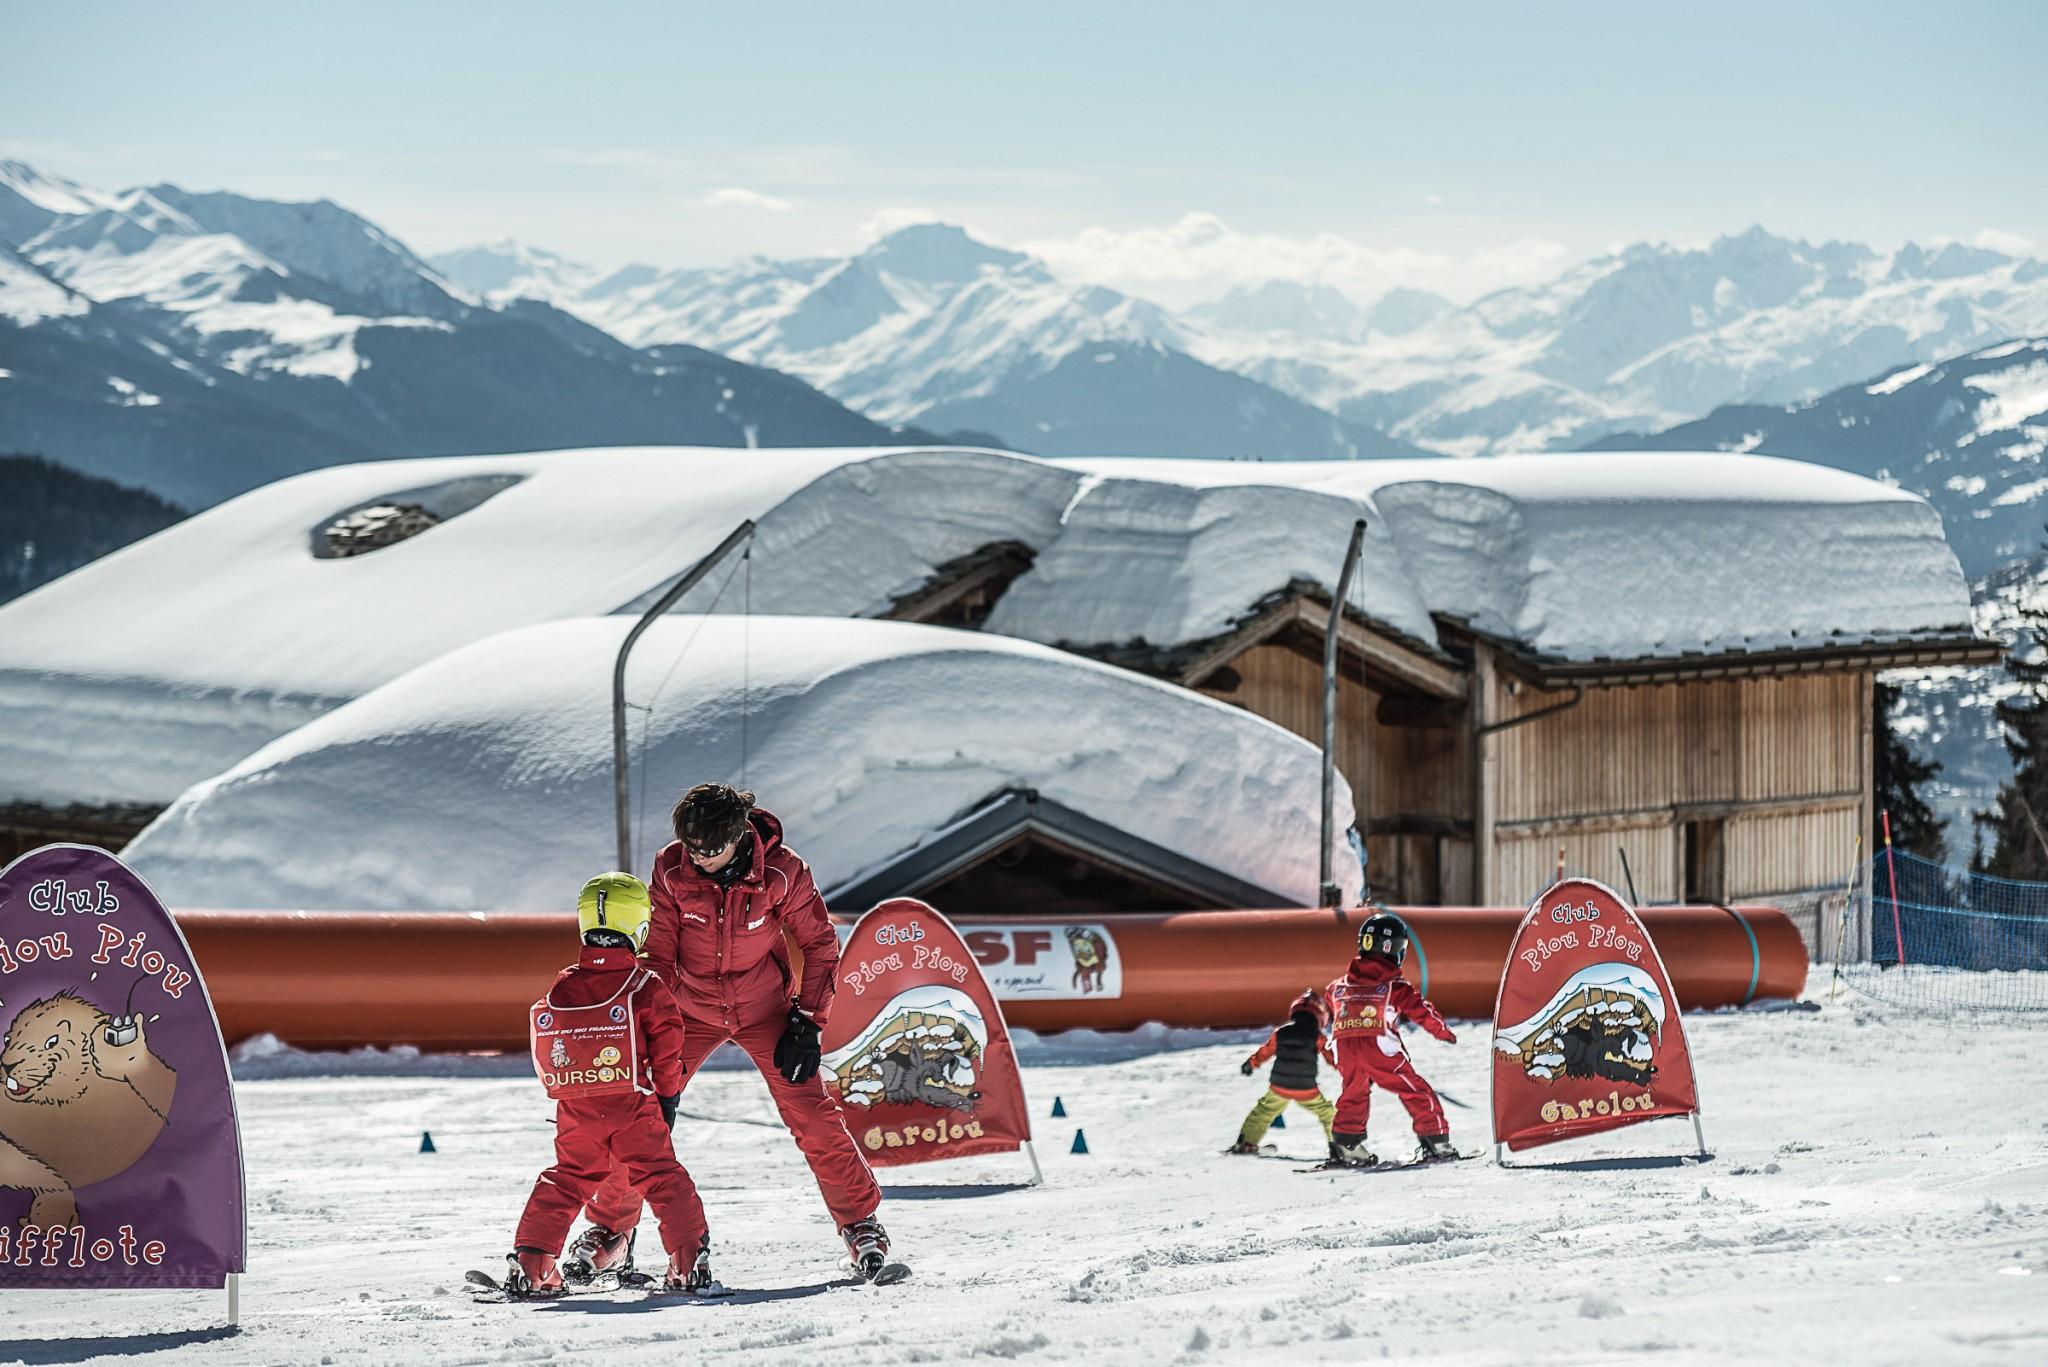 la-rosiere-OT-PPG-petit-ski-schools-children-2013-1462